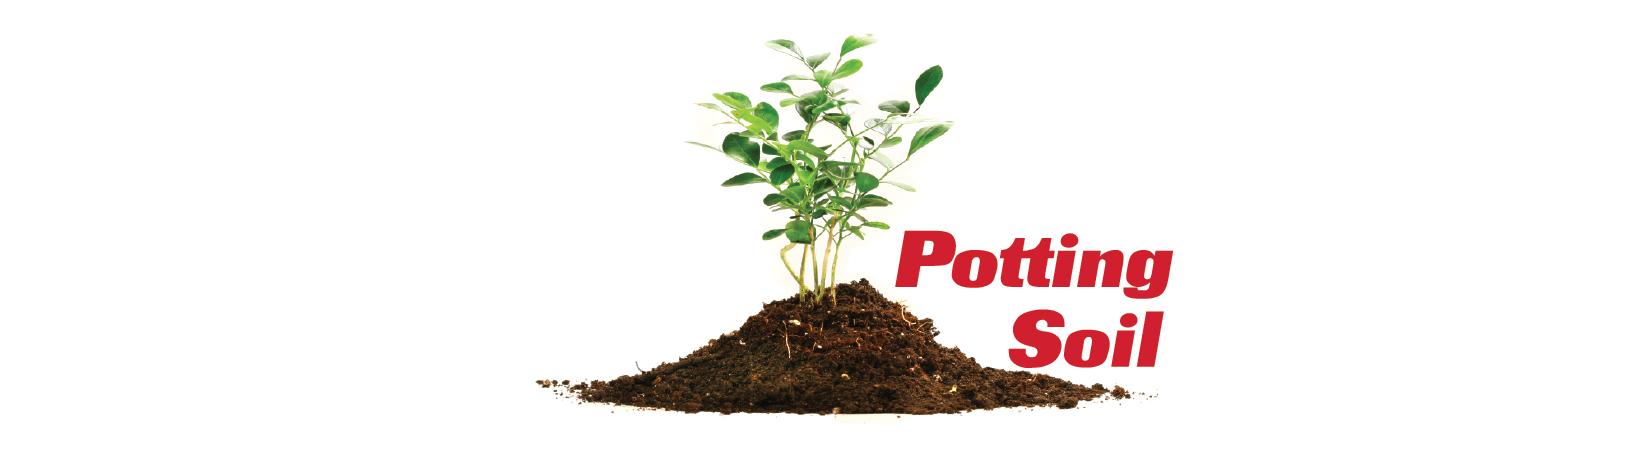 POTTING SOIL.png